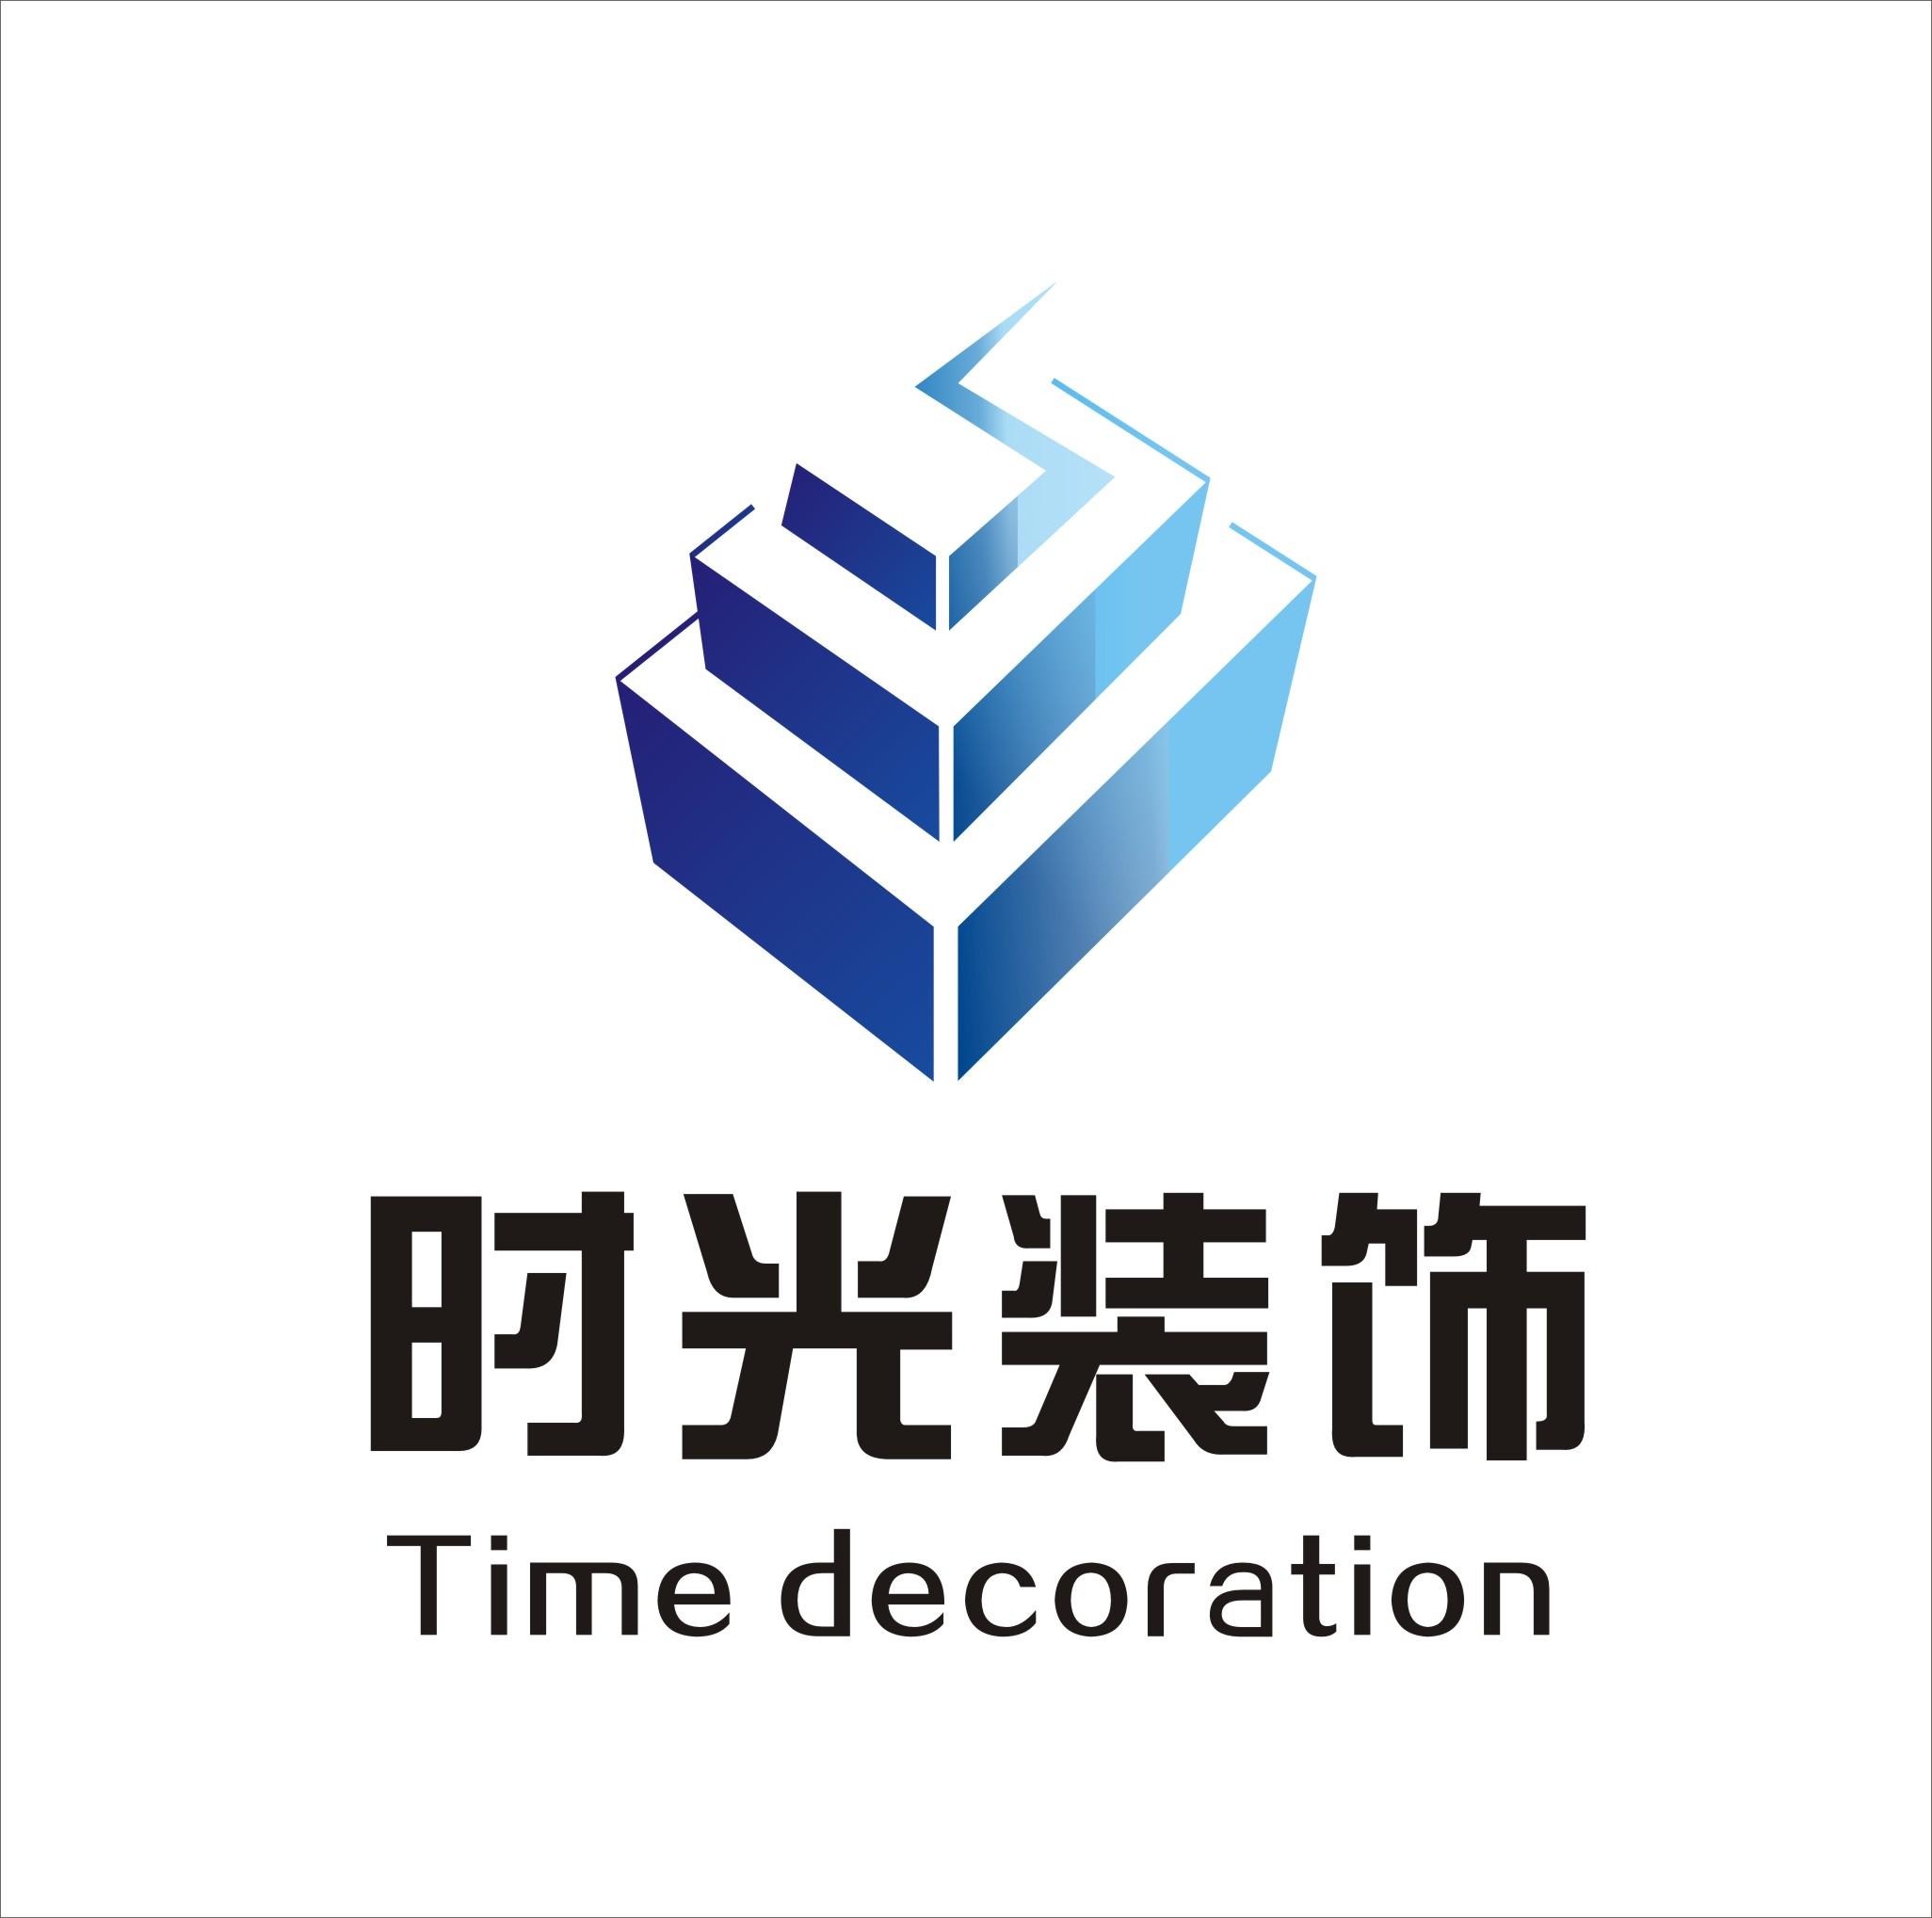 云南时光装饰工程有限公司